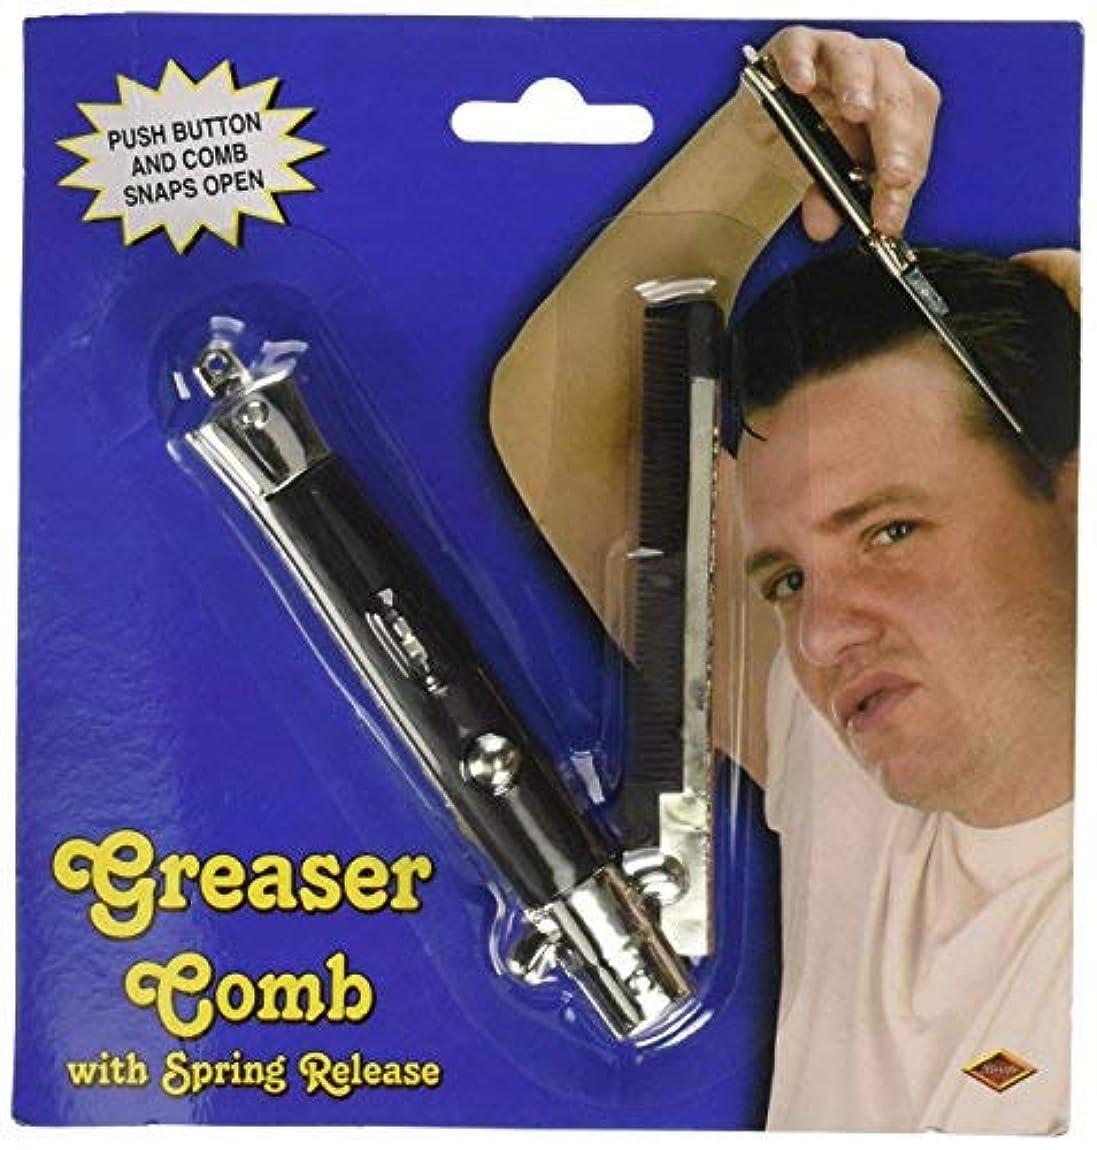 経歴責めアジア人Greaser Comb Party Accessory (1 count) (1/Pkg) [並行輸入品]